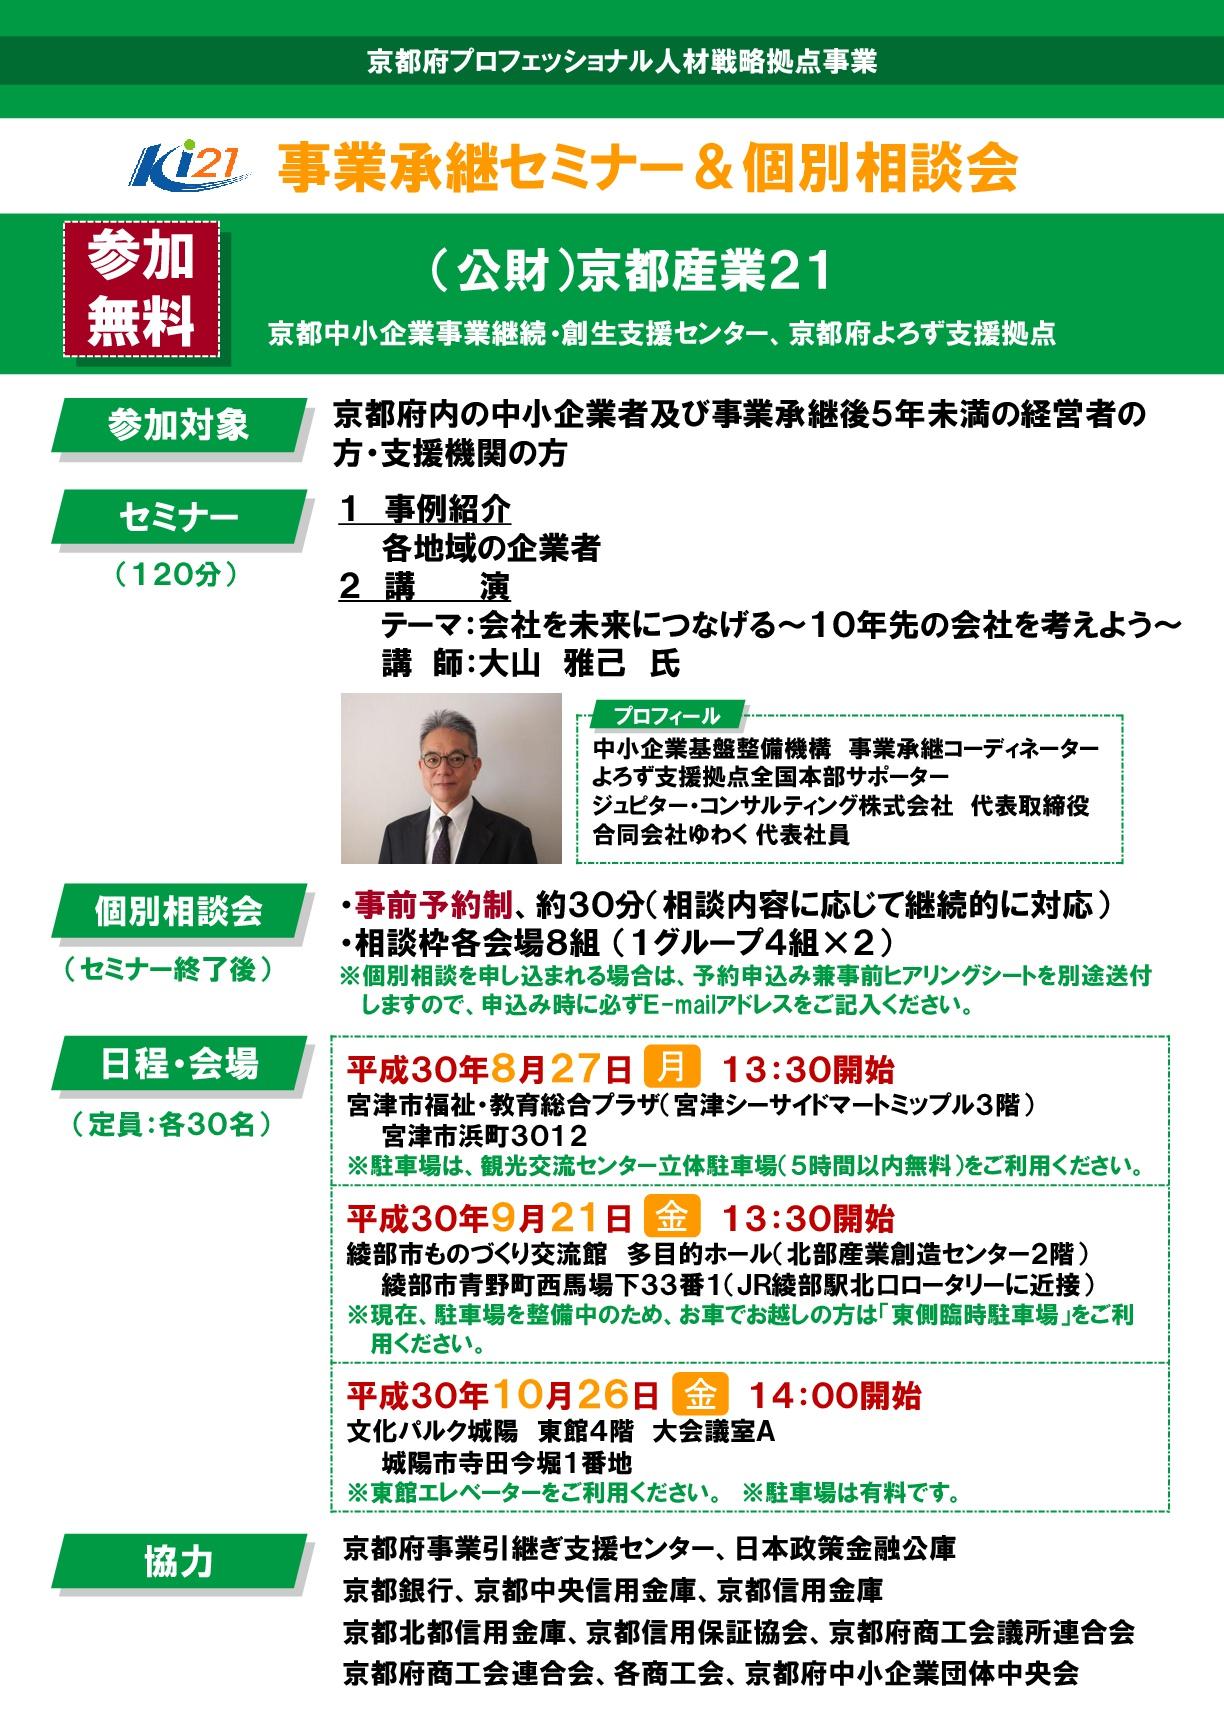 事業承継セミナー & 個別相談会